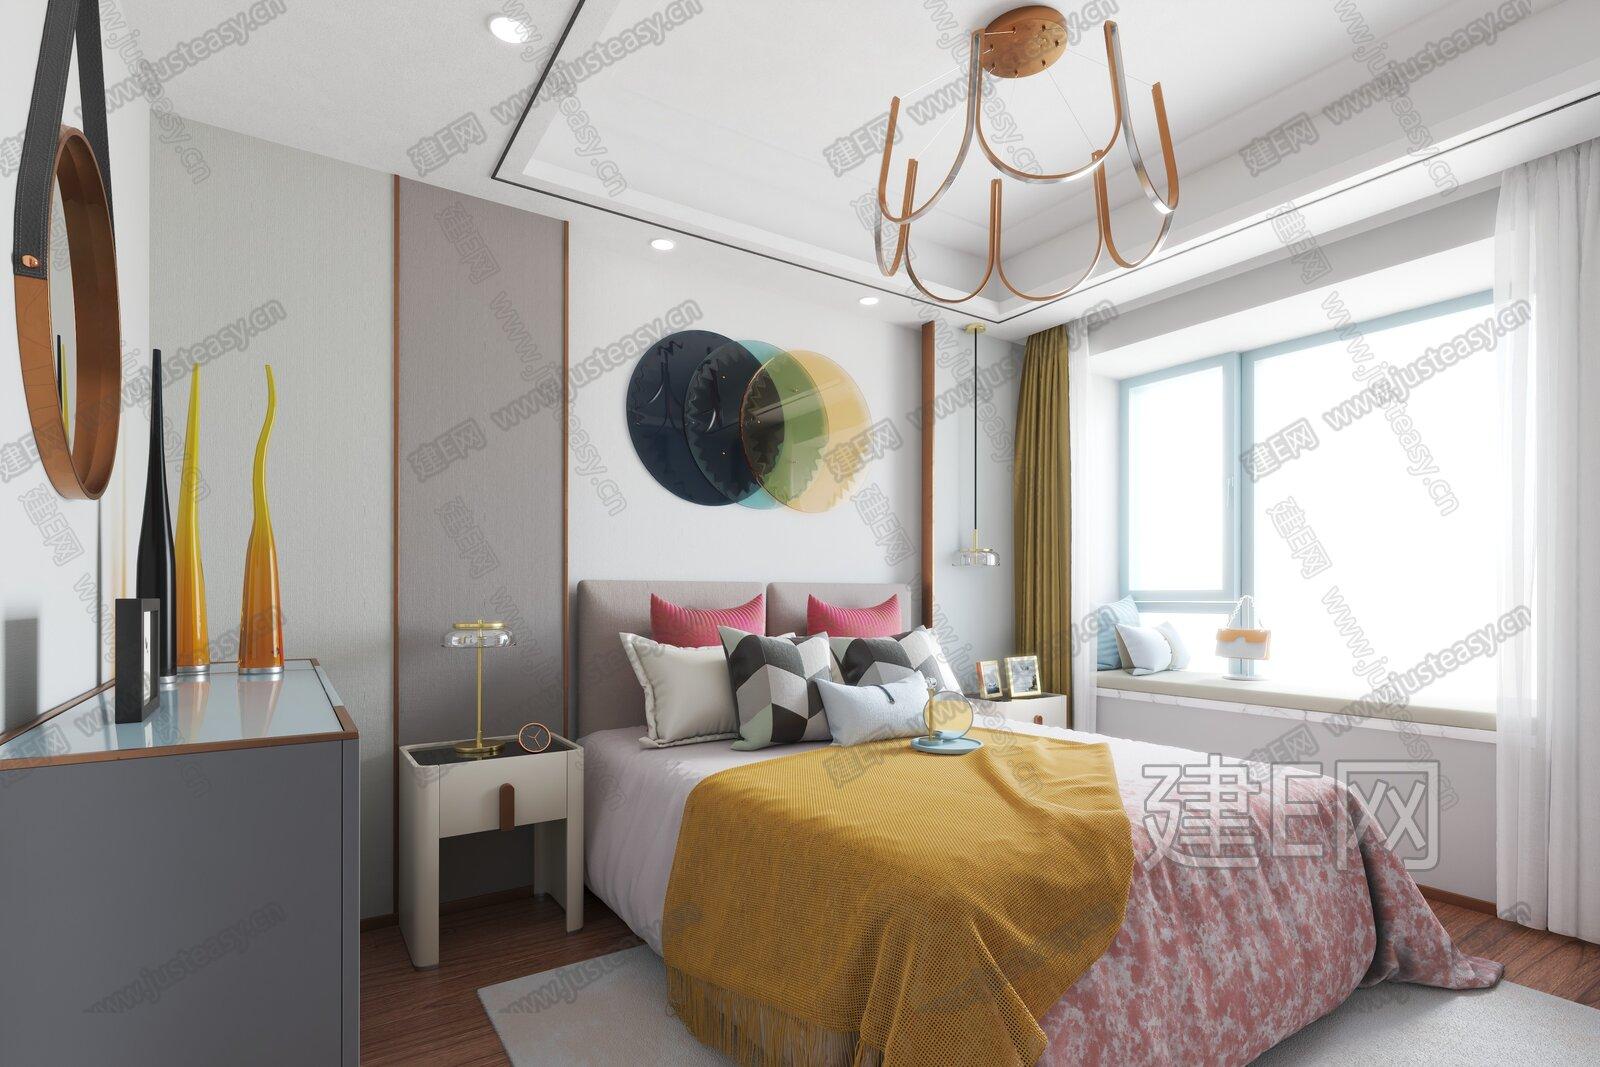 方黄设计 现代轻奢卧室3d模型